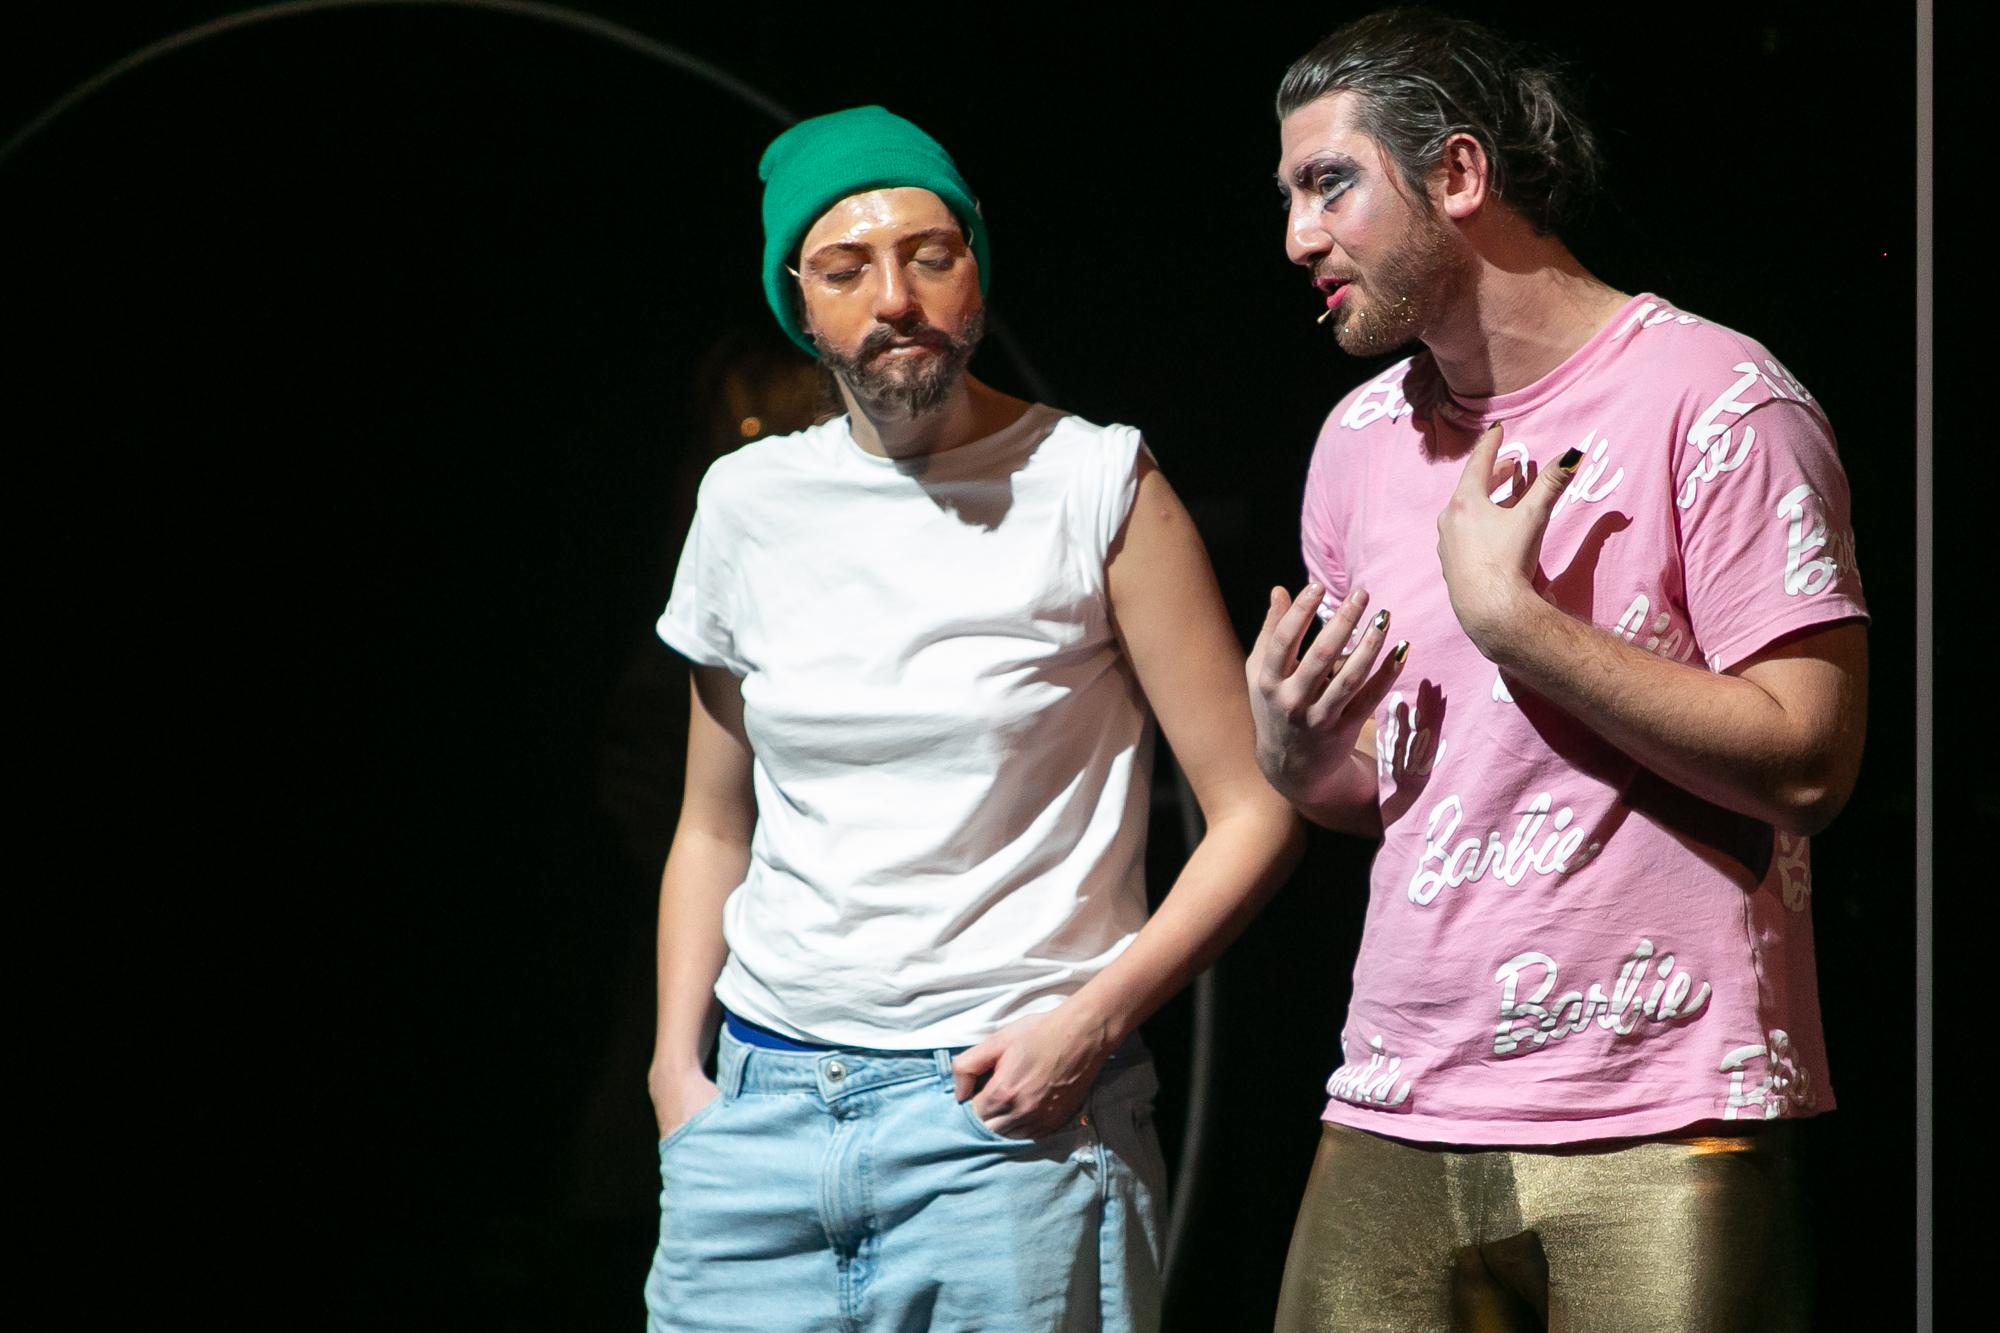 """Na ciemnej scenie dwie postaci w ujęciu do bioder. Po lewej stronie Reżyser- kobieta w białej koszulce z krótkim rękawem i dżinsach, w zielonej czapce z dzianiny. Na twarzy ma maskę Piotra Pięknego. Słucha, co mówi do niej gestykulujący, stojący po prawej stronie Piotr Piękny - mężczyzna w makijażu, różowej koszulce z białymi napisami """"Barbie"""" i w złotych legginsach."""